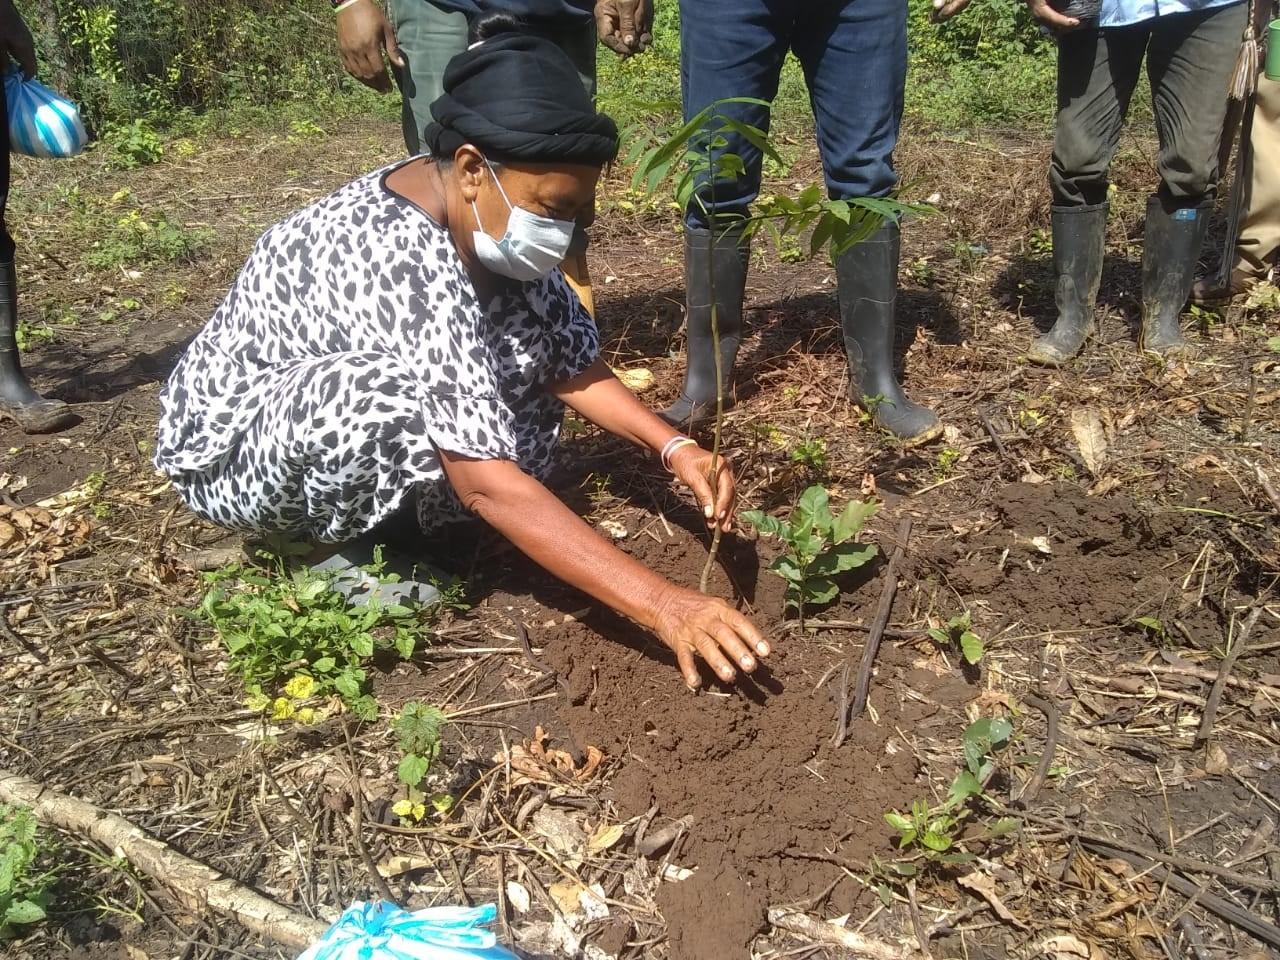 hoyennoticia.com, Reforestación con especies nativas